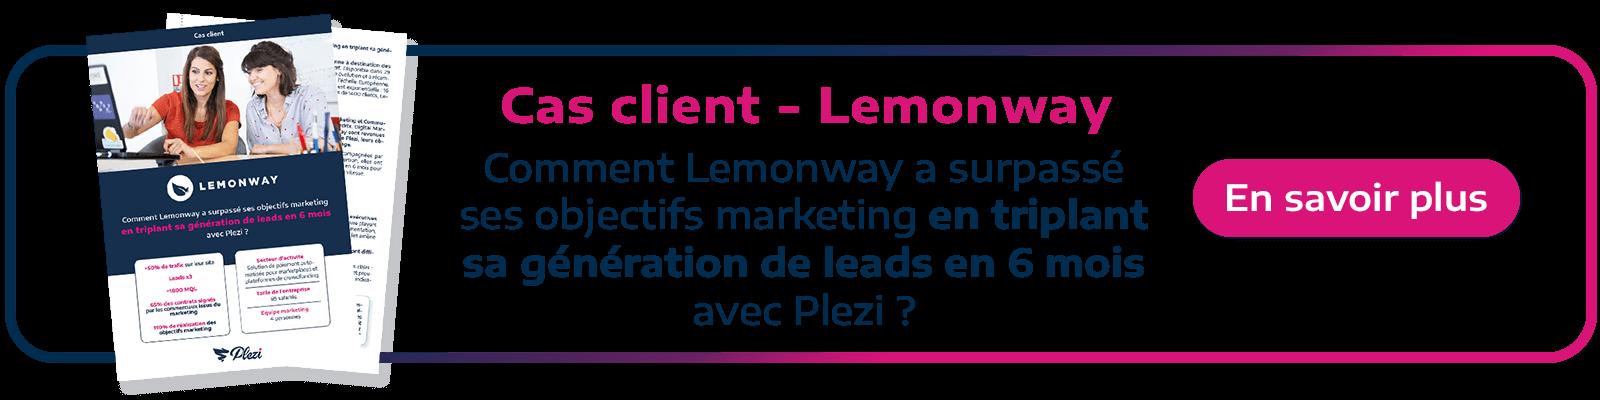 Call to action permettant de télécharger le cas client Lemonway